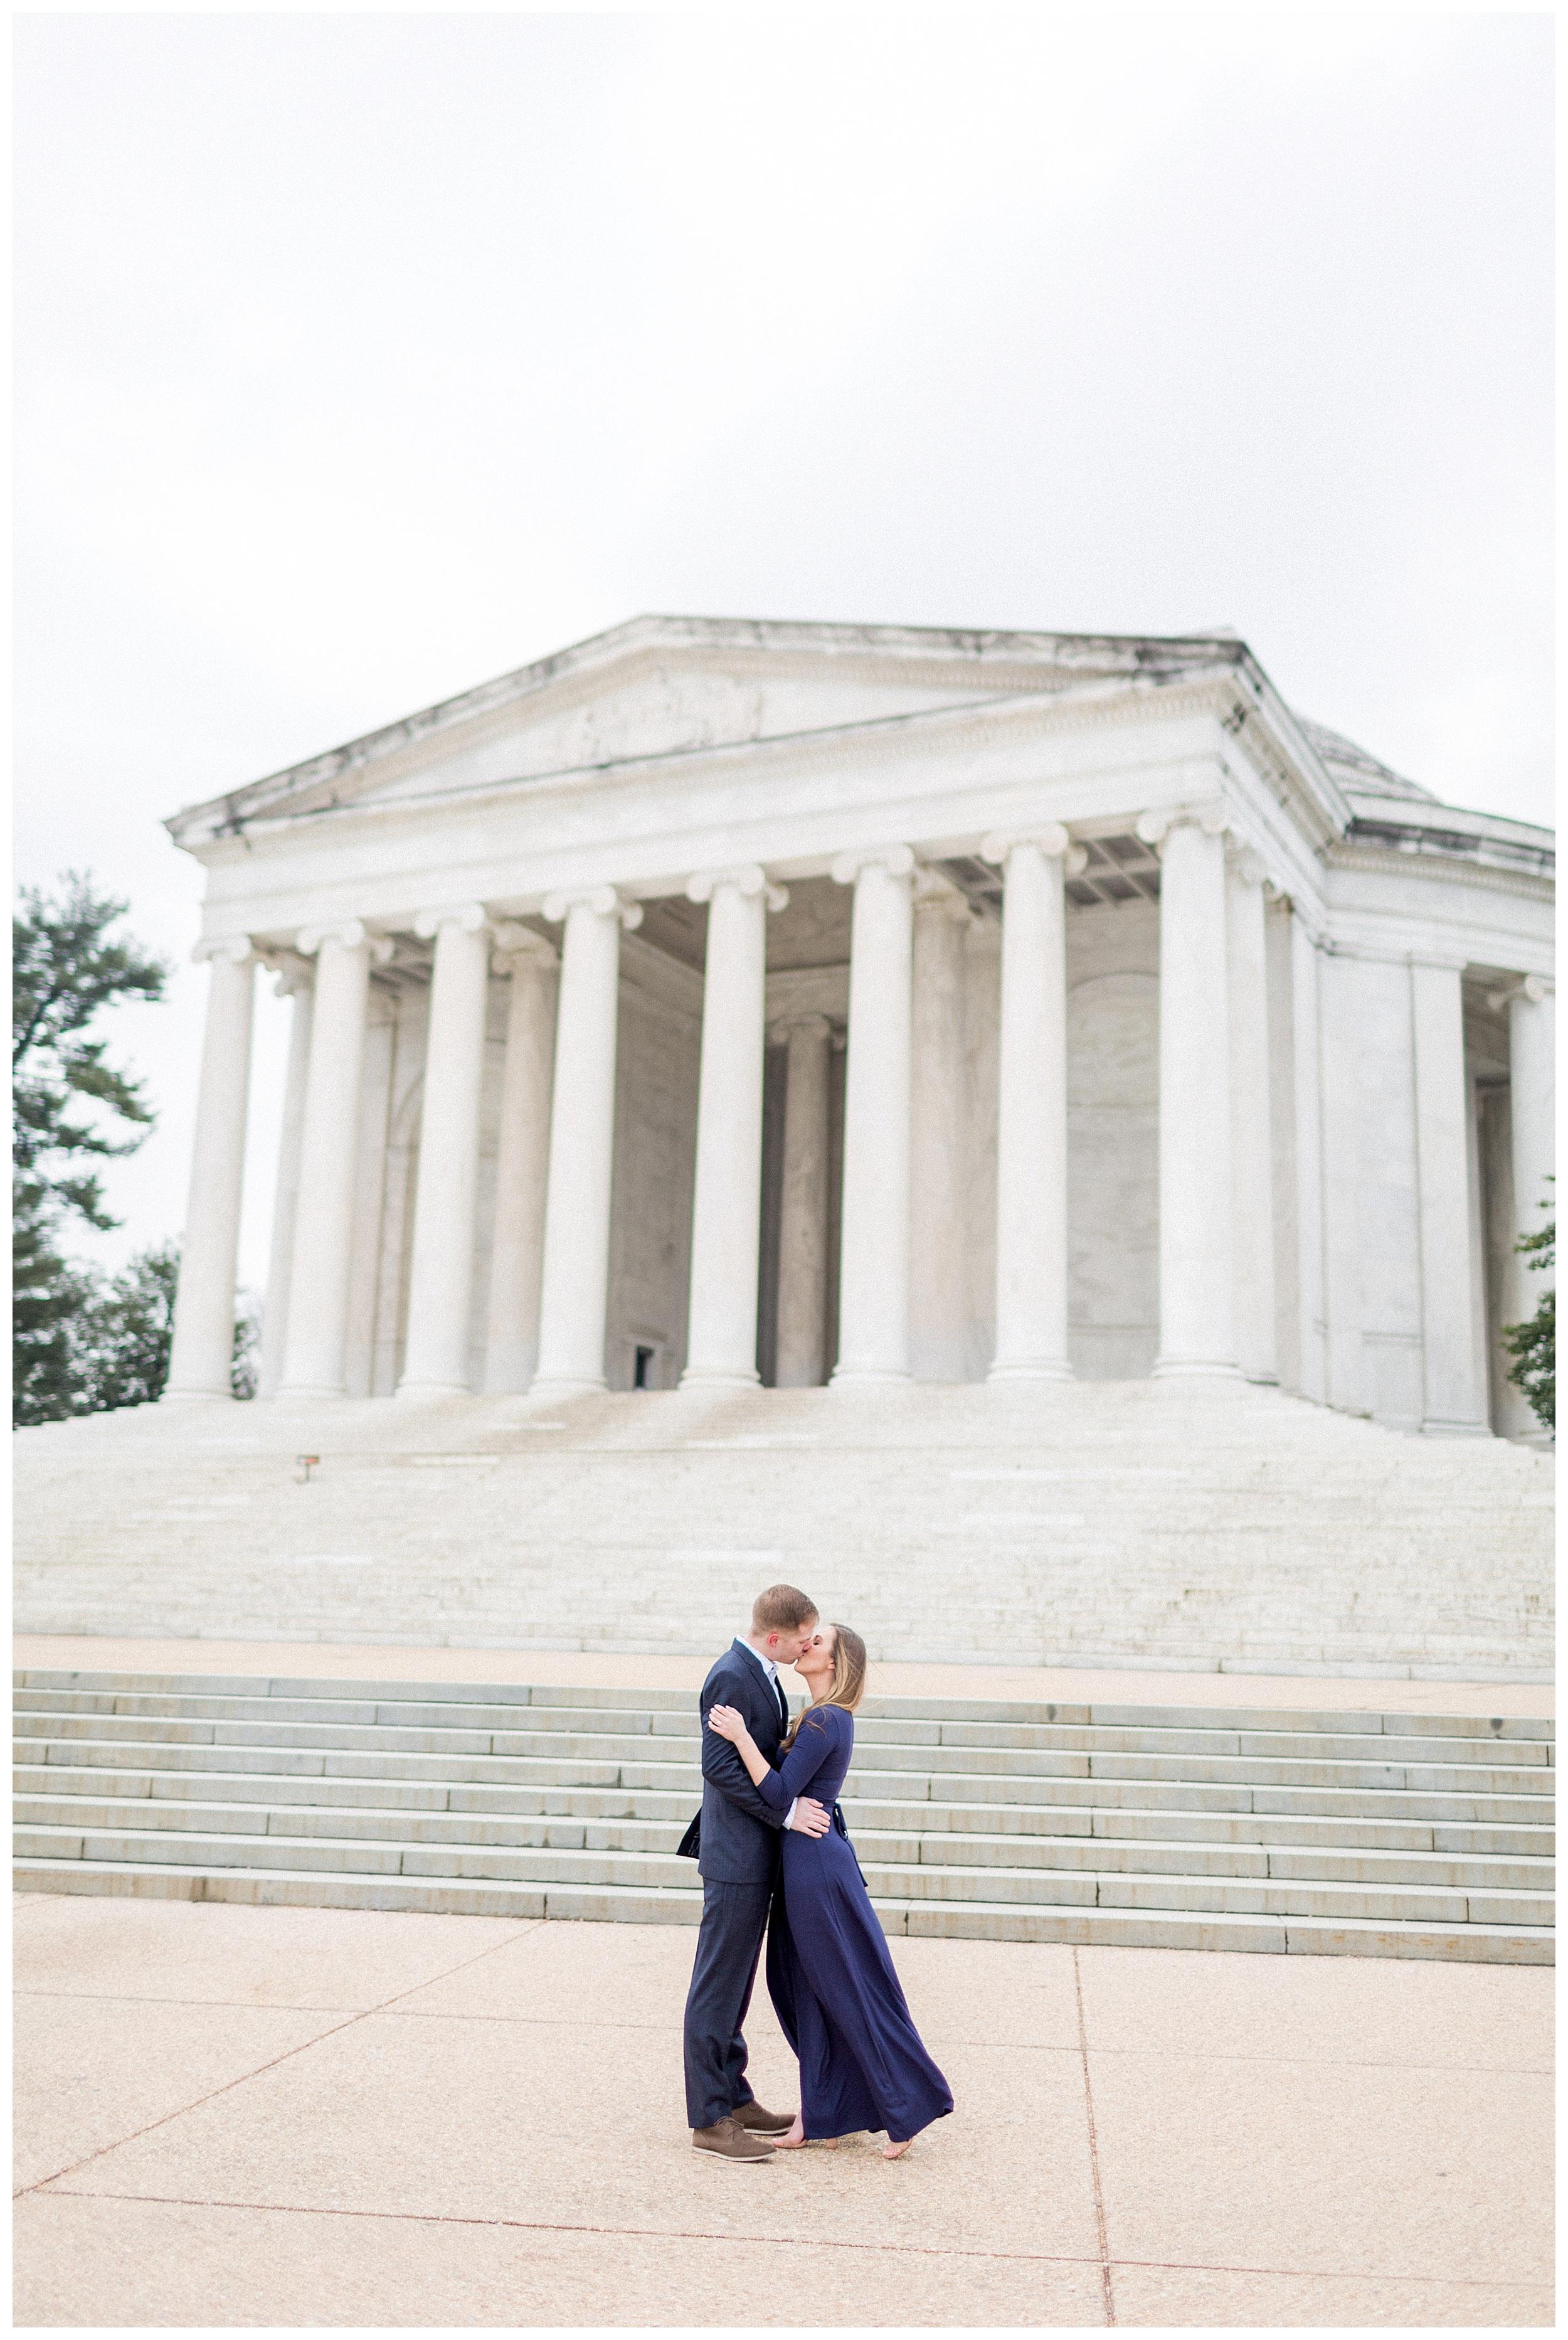 Washingon DC Engagement Photos | Jefferson Memorial Engagement | Kir Tuben_0025.jpg